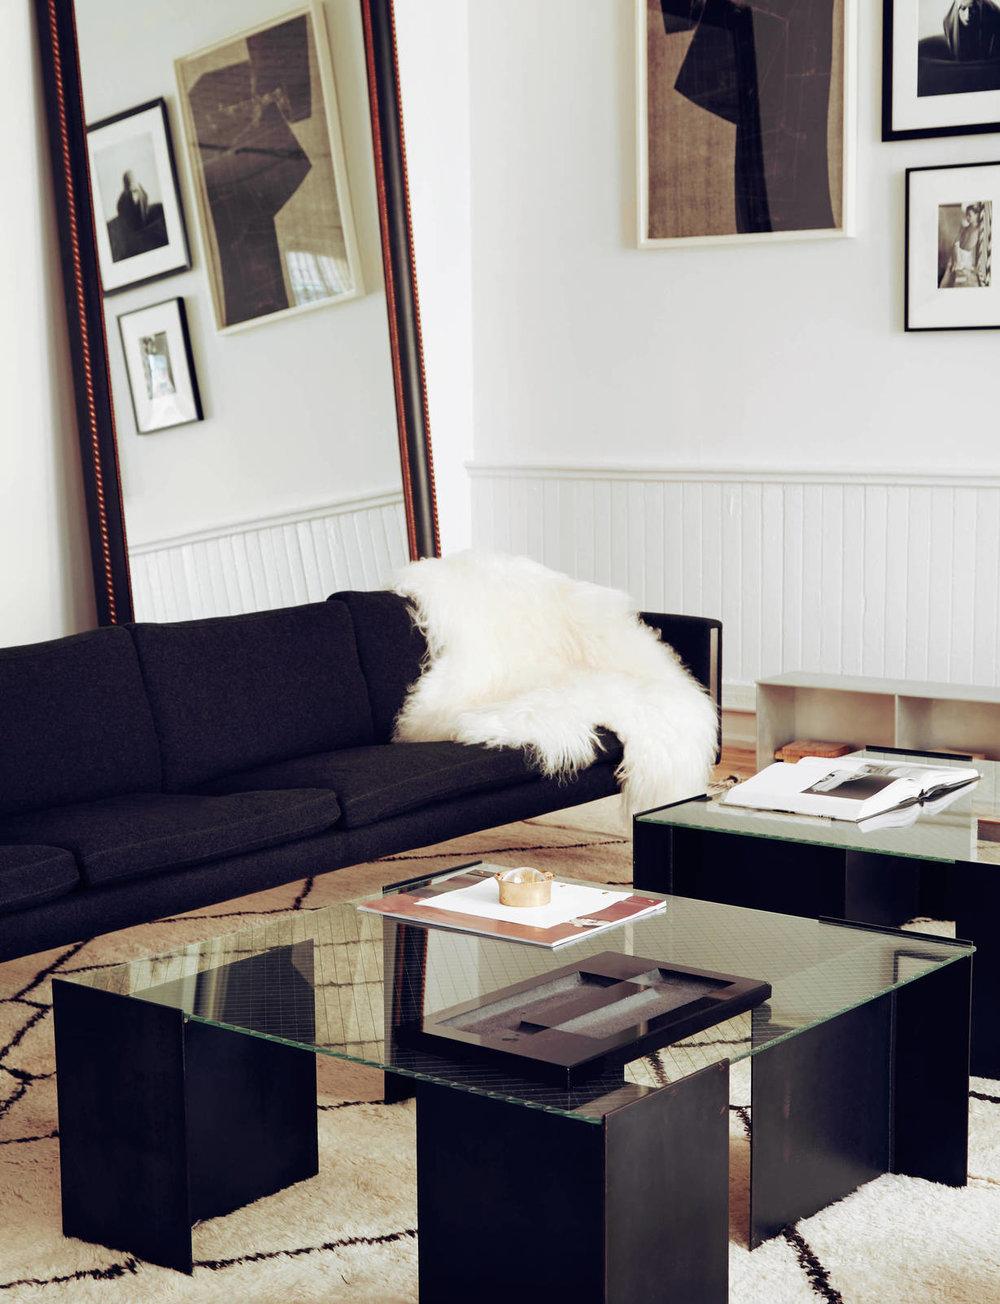 large_APT_sofa-23x30.jpg